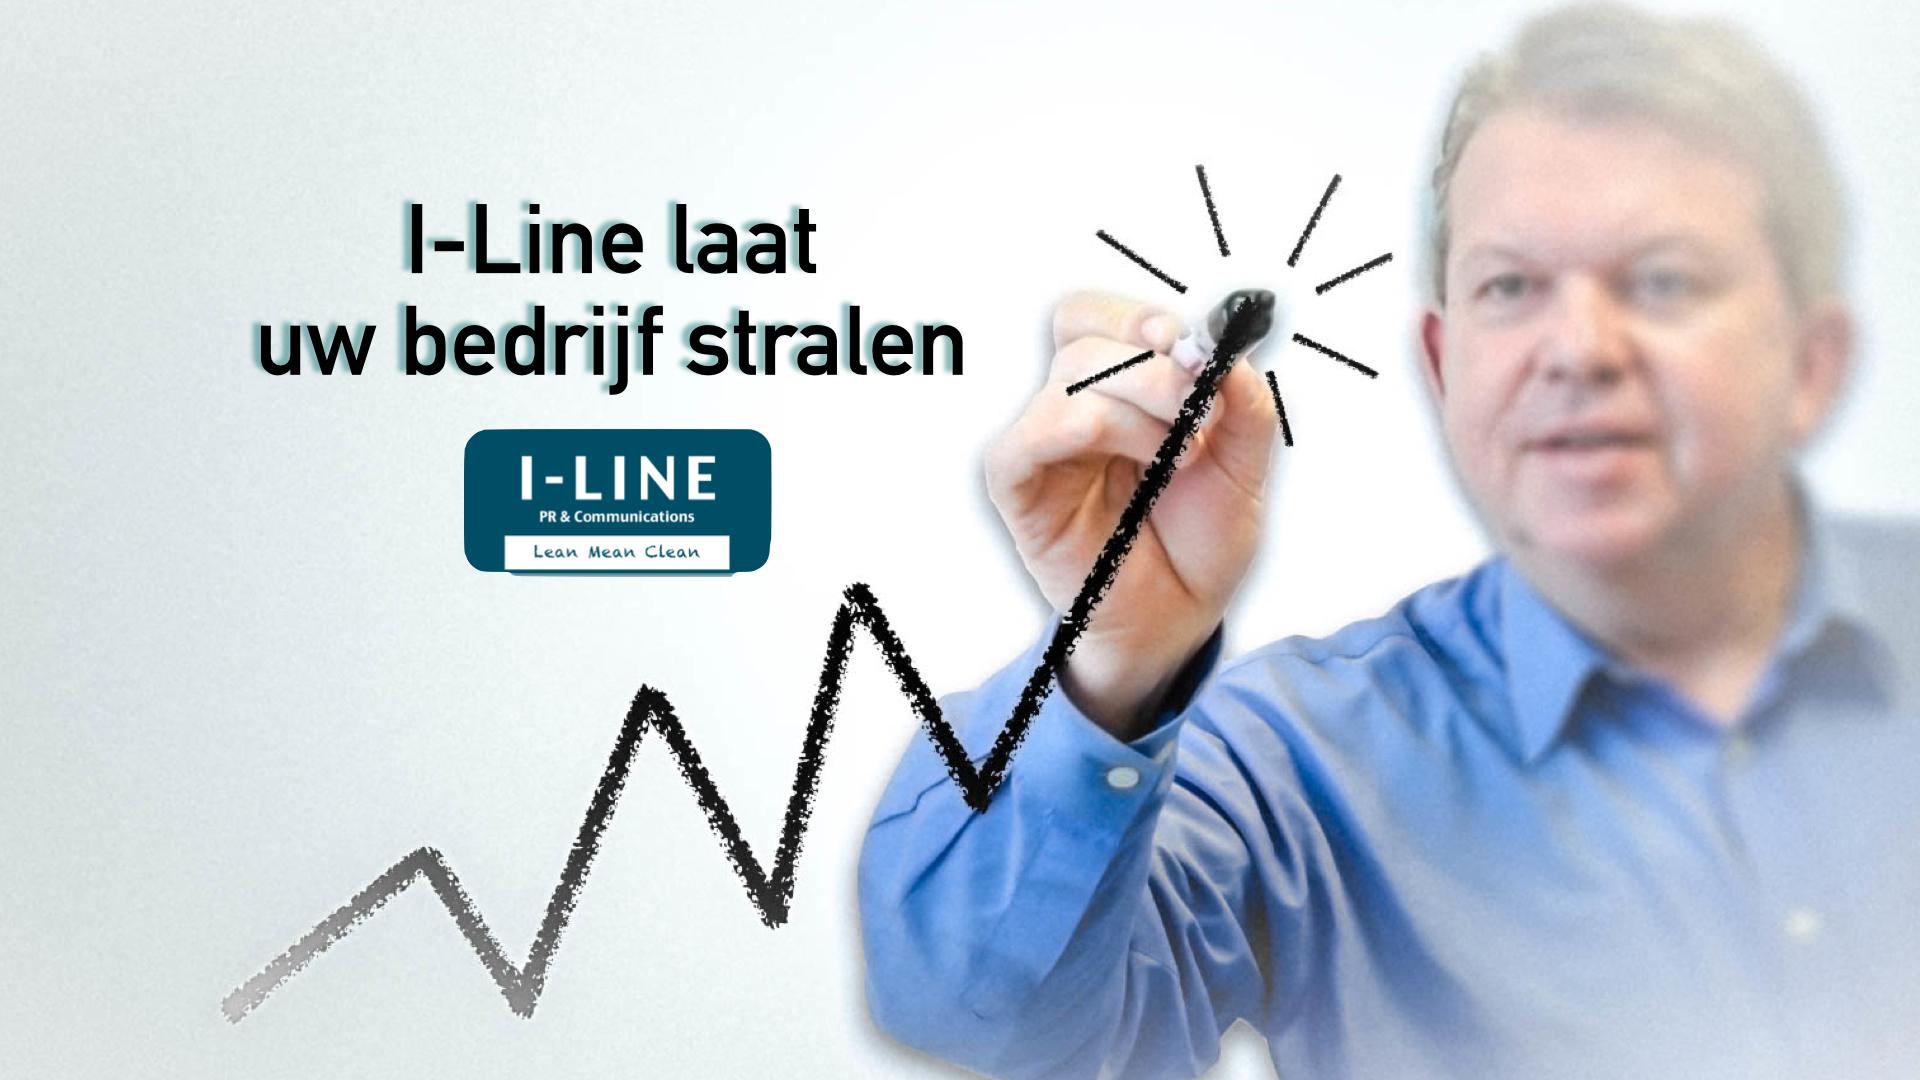 I-Line laat uw bedrijfs stralen